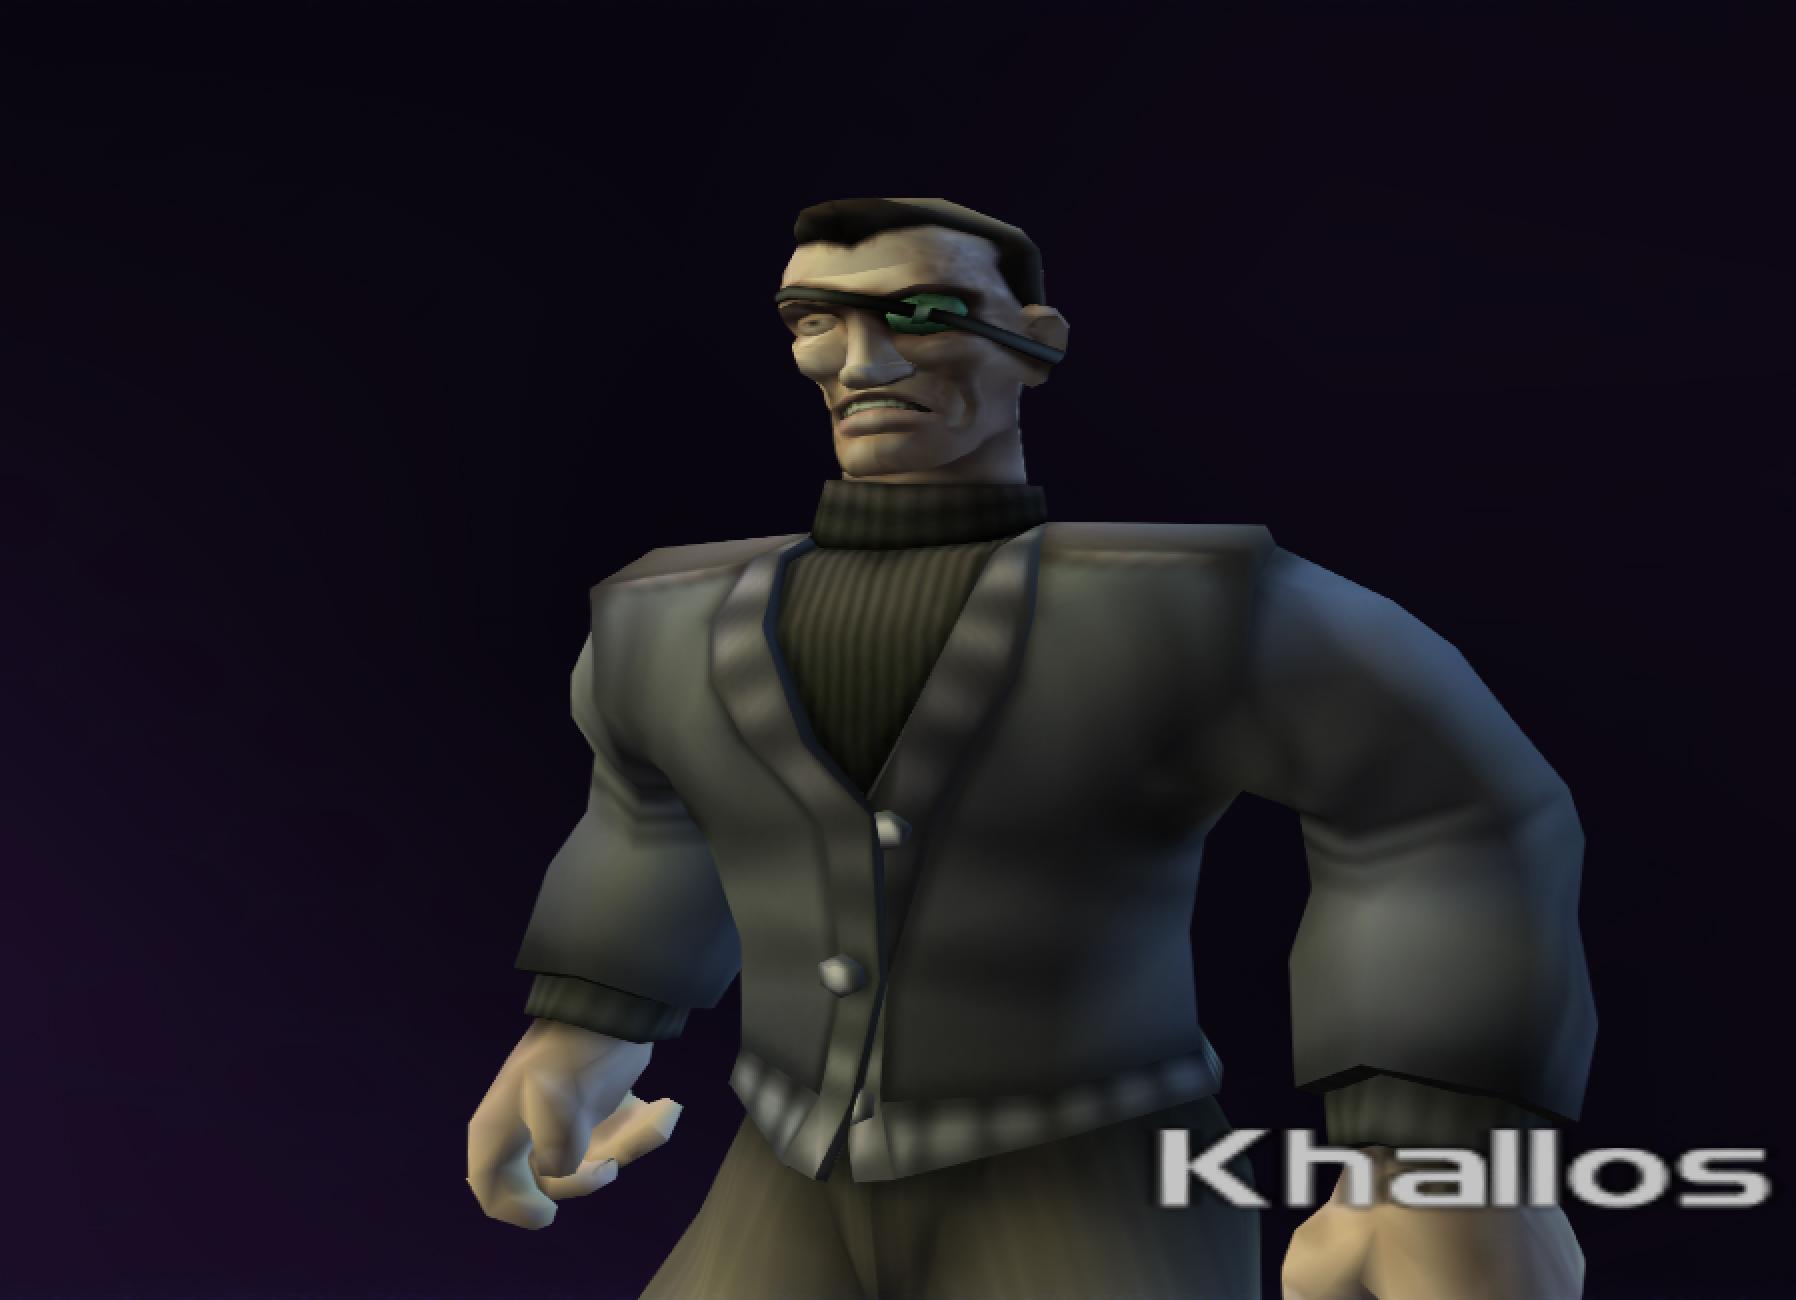 Archibald Khallos